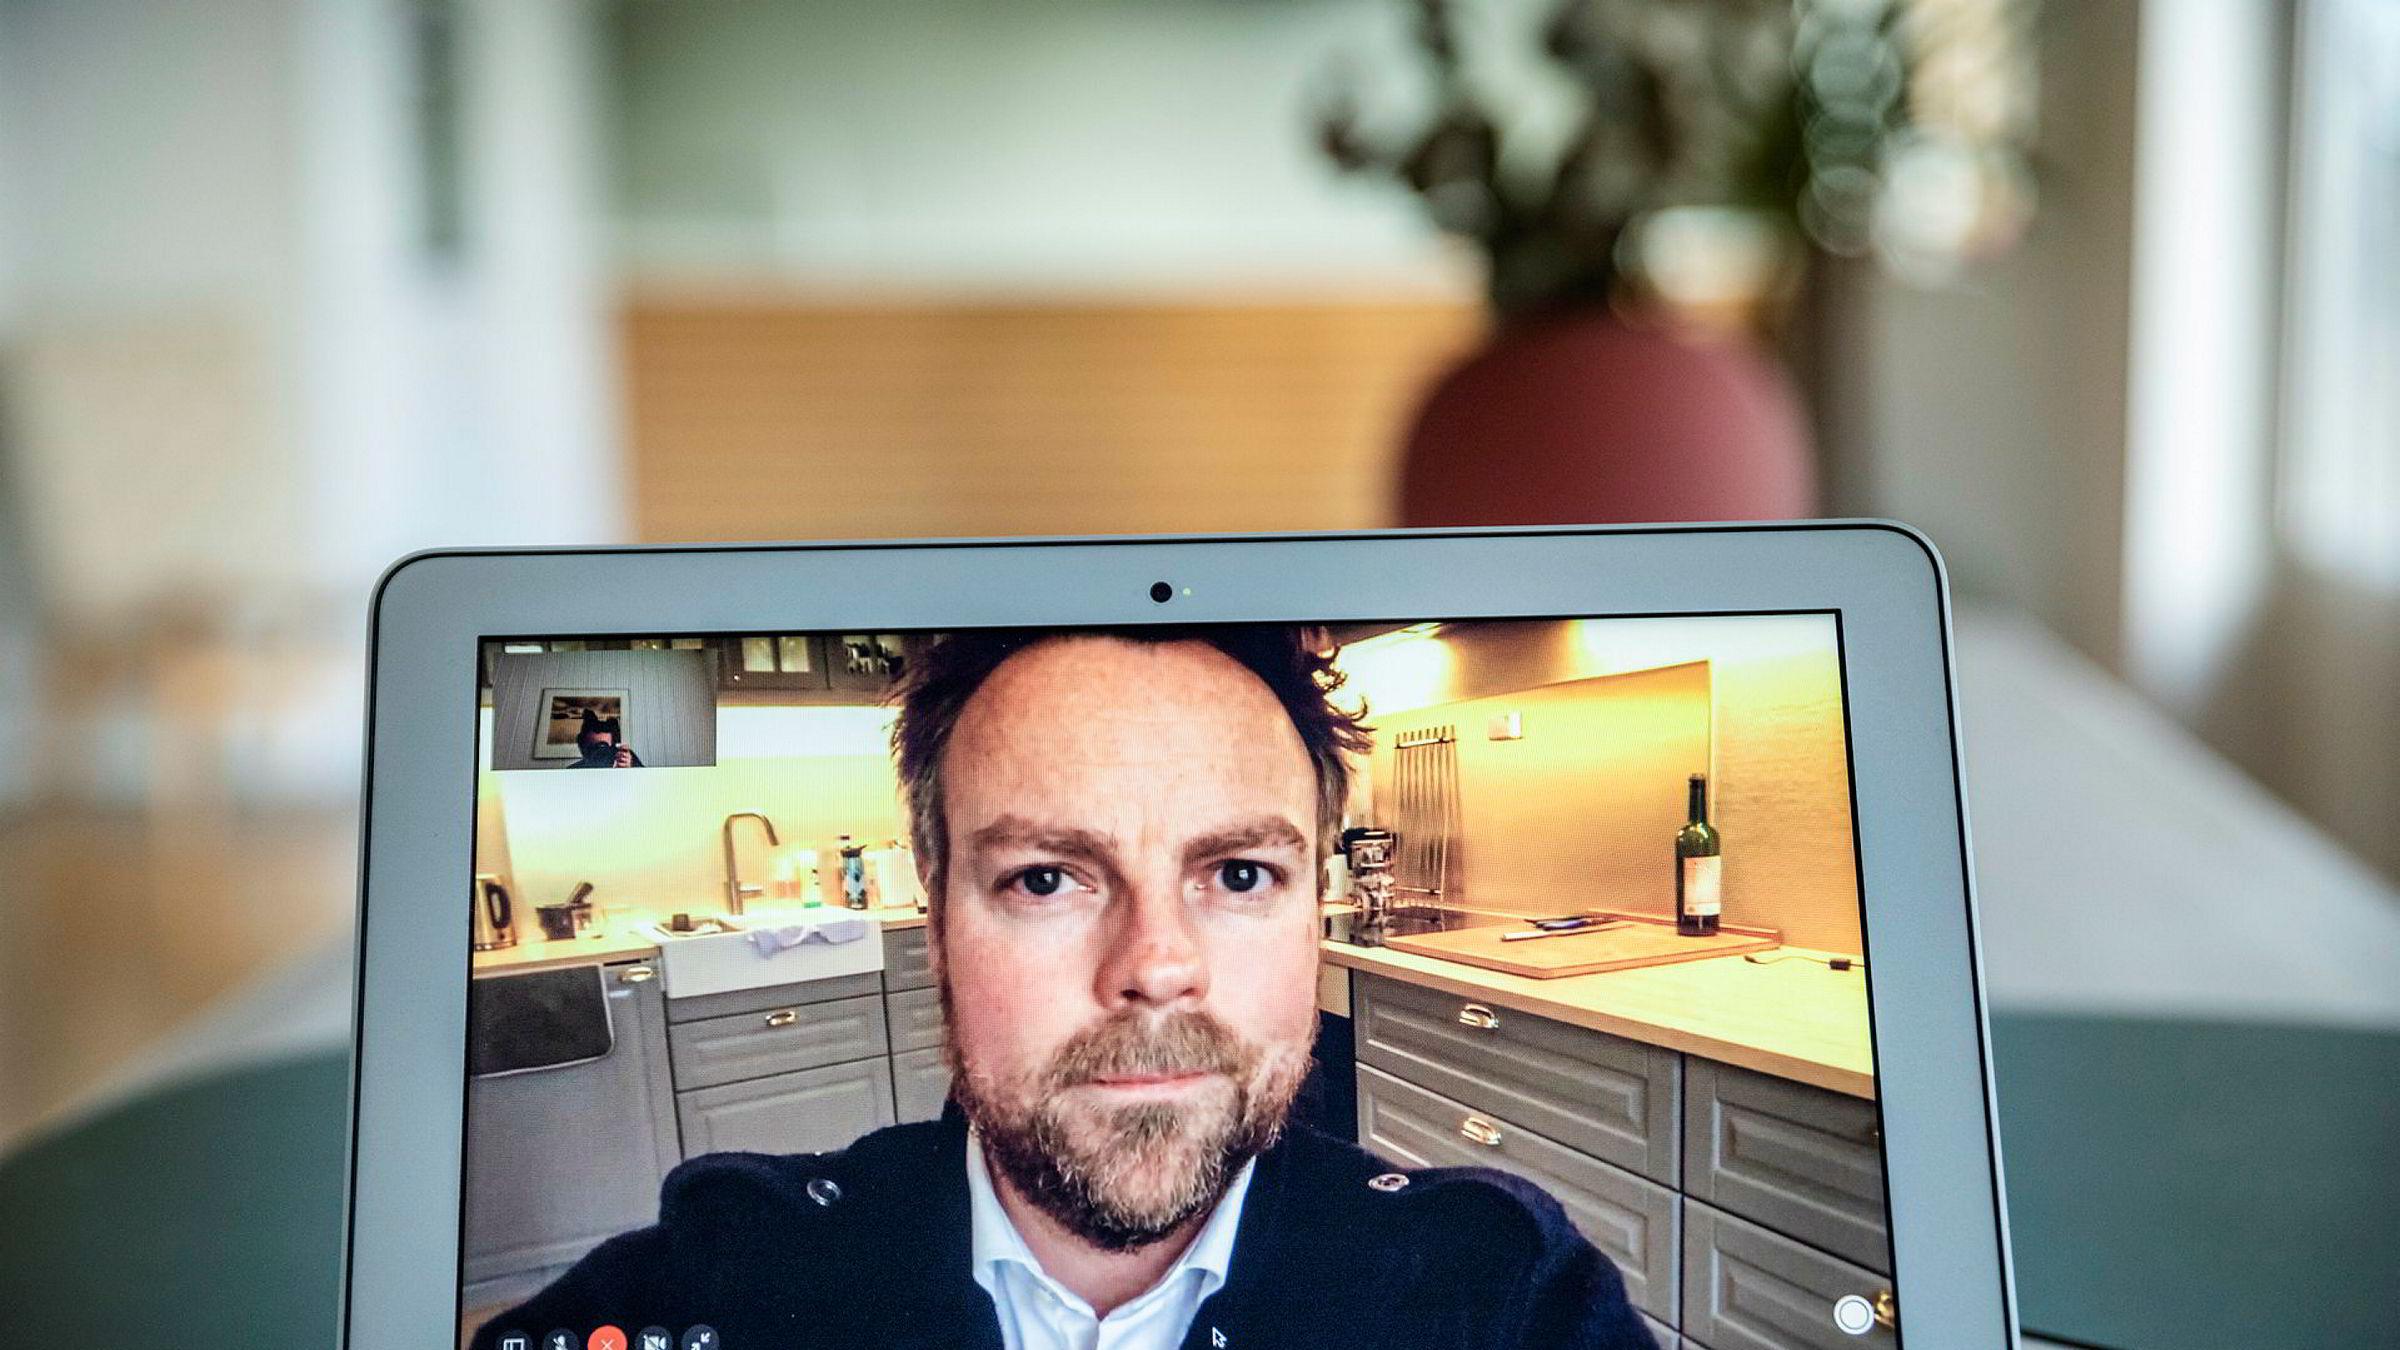 Arbeidsminister Torbjørn Røe Isaksen blir intervjuet fra hjemmekarantene av DN. Han fikk tidligere i uken påvist koronasmitte.